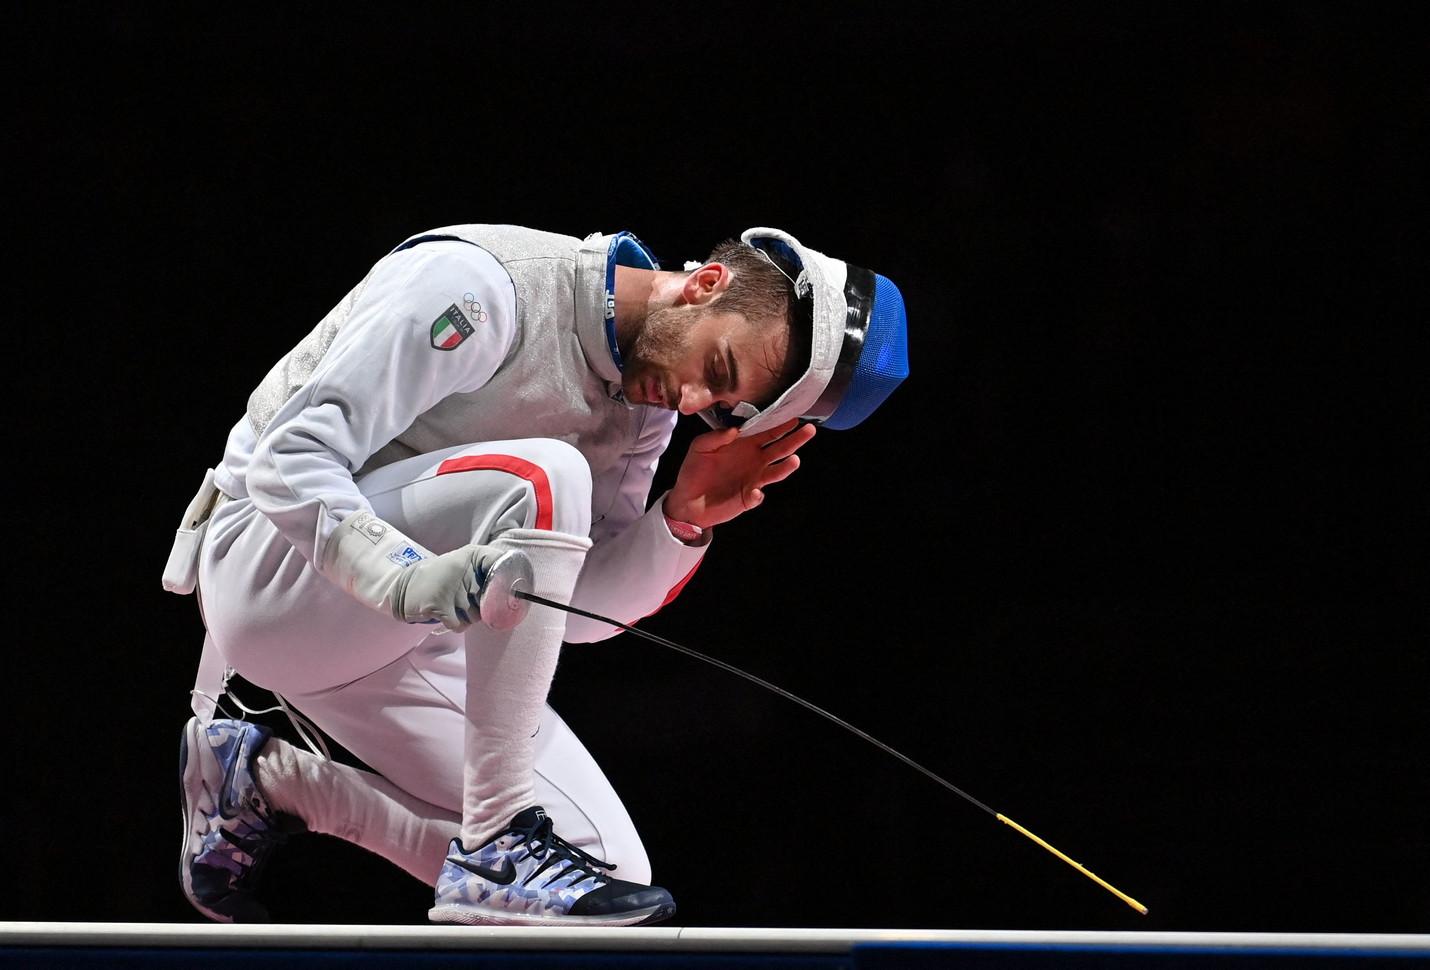 Arriva dalla scherma il quarto argento per l&#39;Italia all&#39;Olimpiade di Tokyo 2020: Daniele Garozzo, infatti, chiude al secondo posto nel fioretto maschile individuale. Al termine di una splendida cavalcata, il 28ene si arrende solo in finale a Cheng Ka Long, rappresentante di Hong Kong, che si impone 15-11 e vince l&#39;oro. Per l&#39;azzurro &egrave; la seconda medaglia di fila ai Giochi dopo il successo ottenuto a Rio de Janeiro nel 2016.<br /><br />